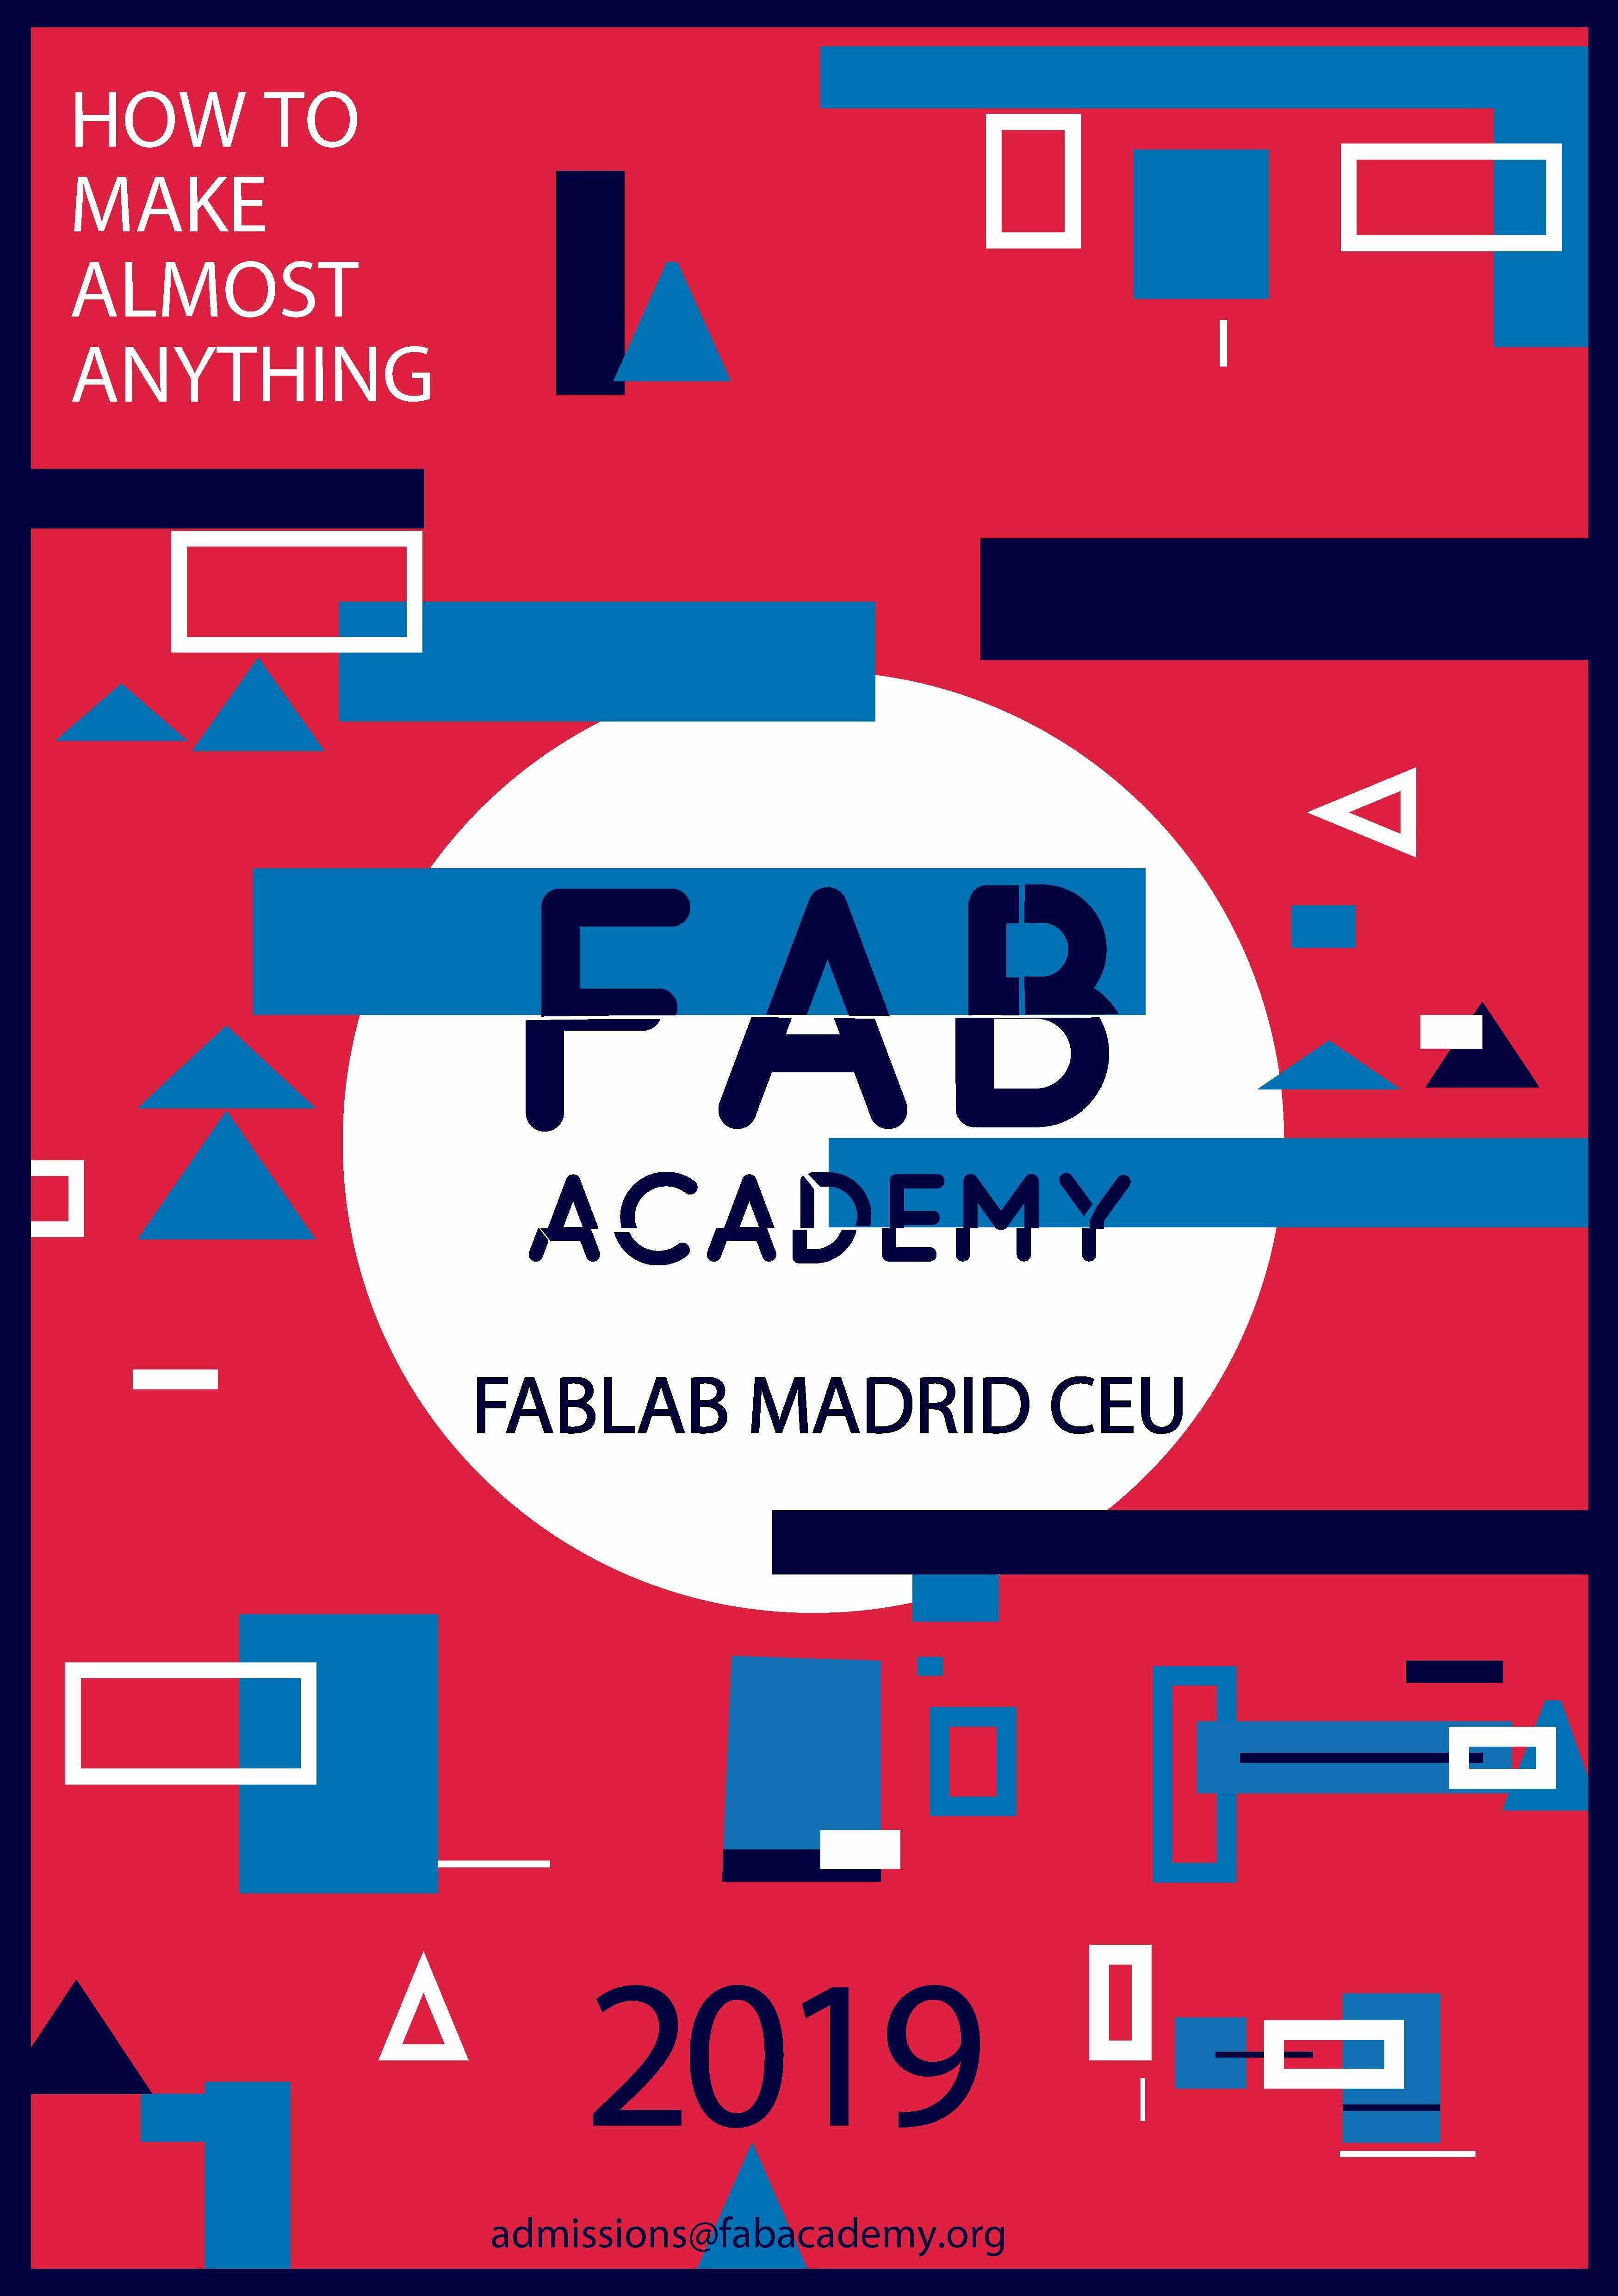 Calendario Escolar 2019 Albacete Recientes Prensa – Fablab Madrid Ceu Of Calendario Escolar 2019 Albacete Más Reciente Calaméo Noticias De Gipuzkoa